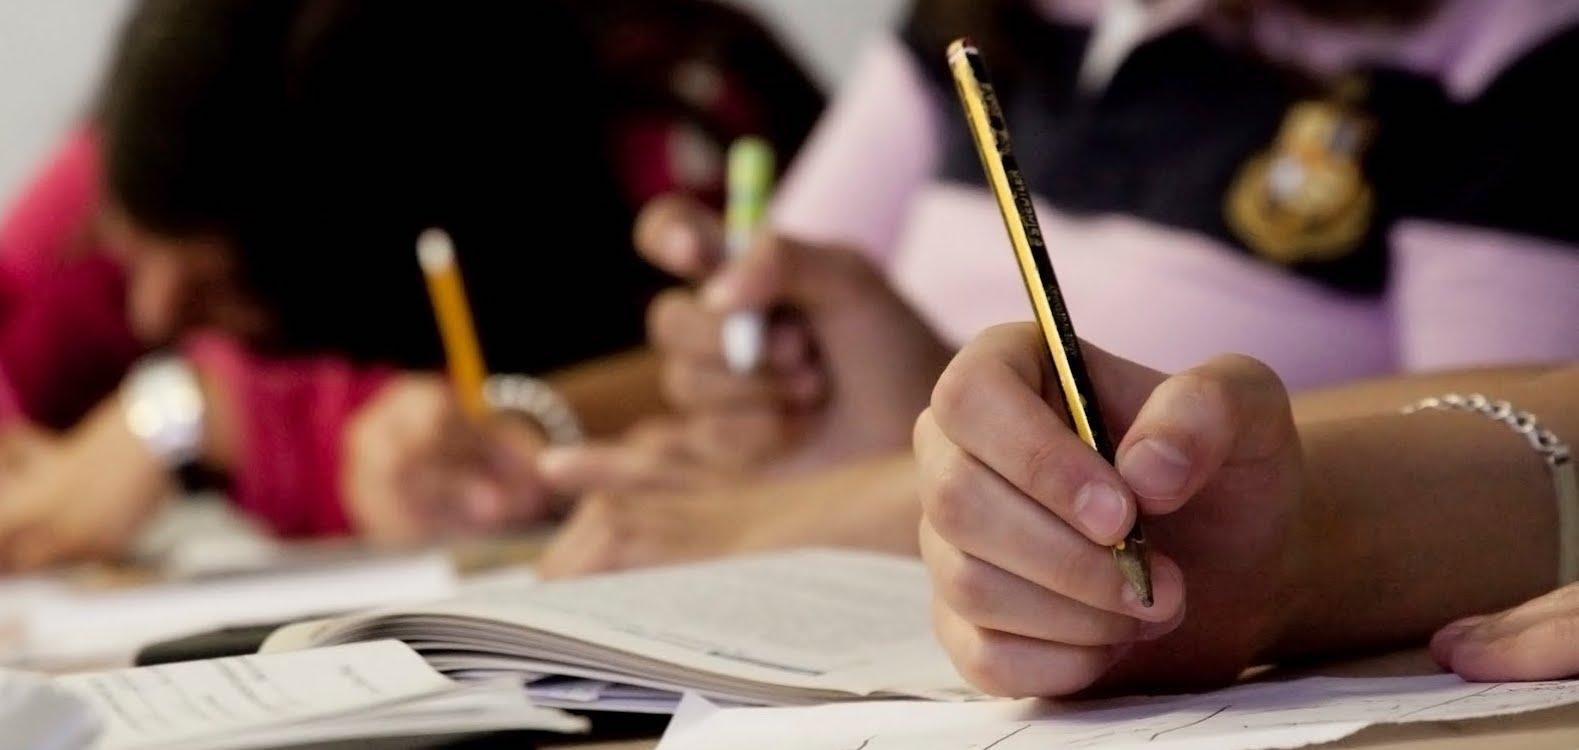 How do you head a college application essay